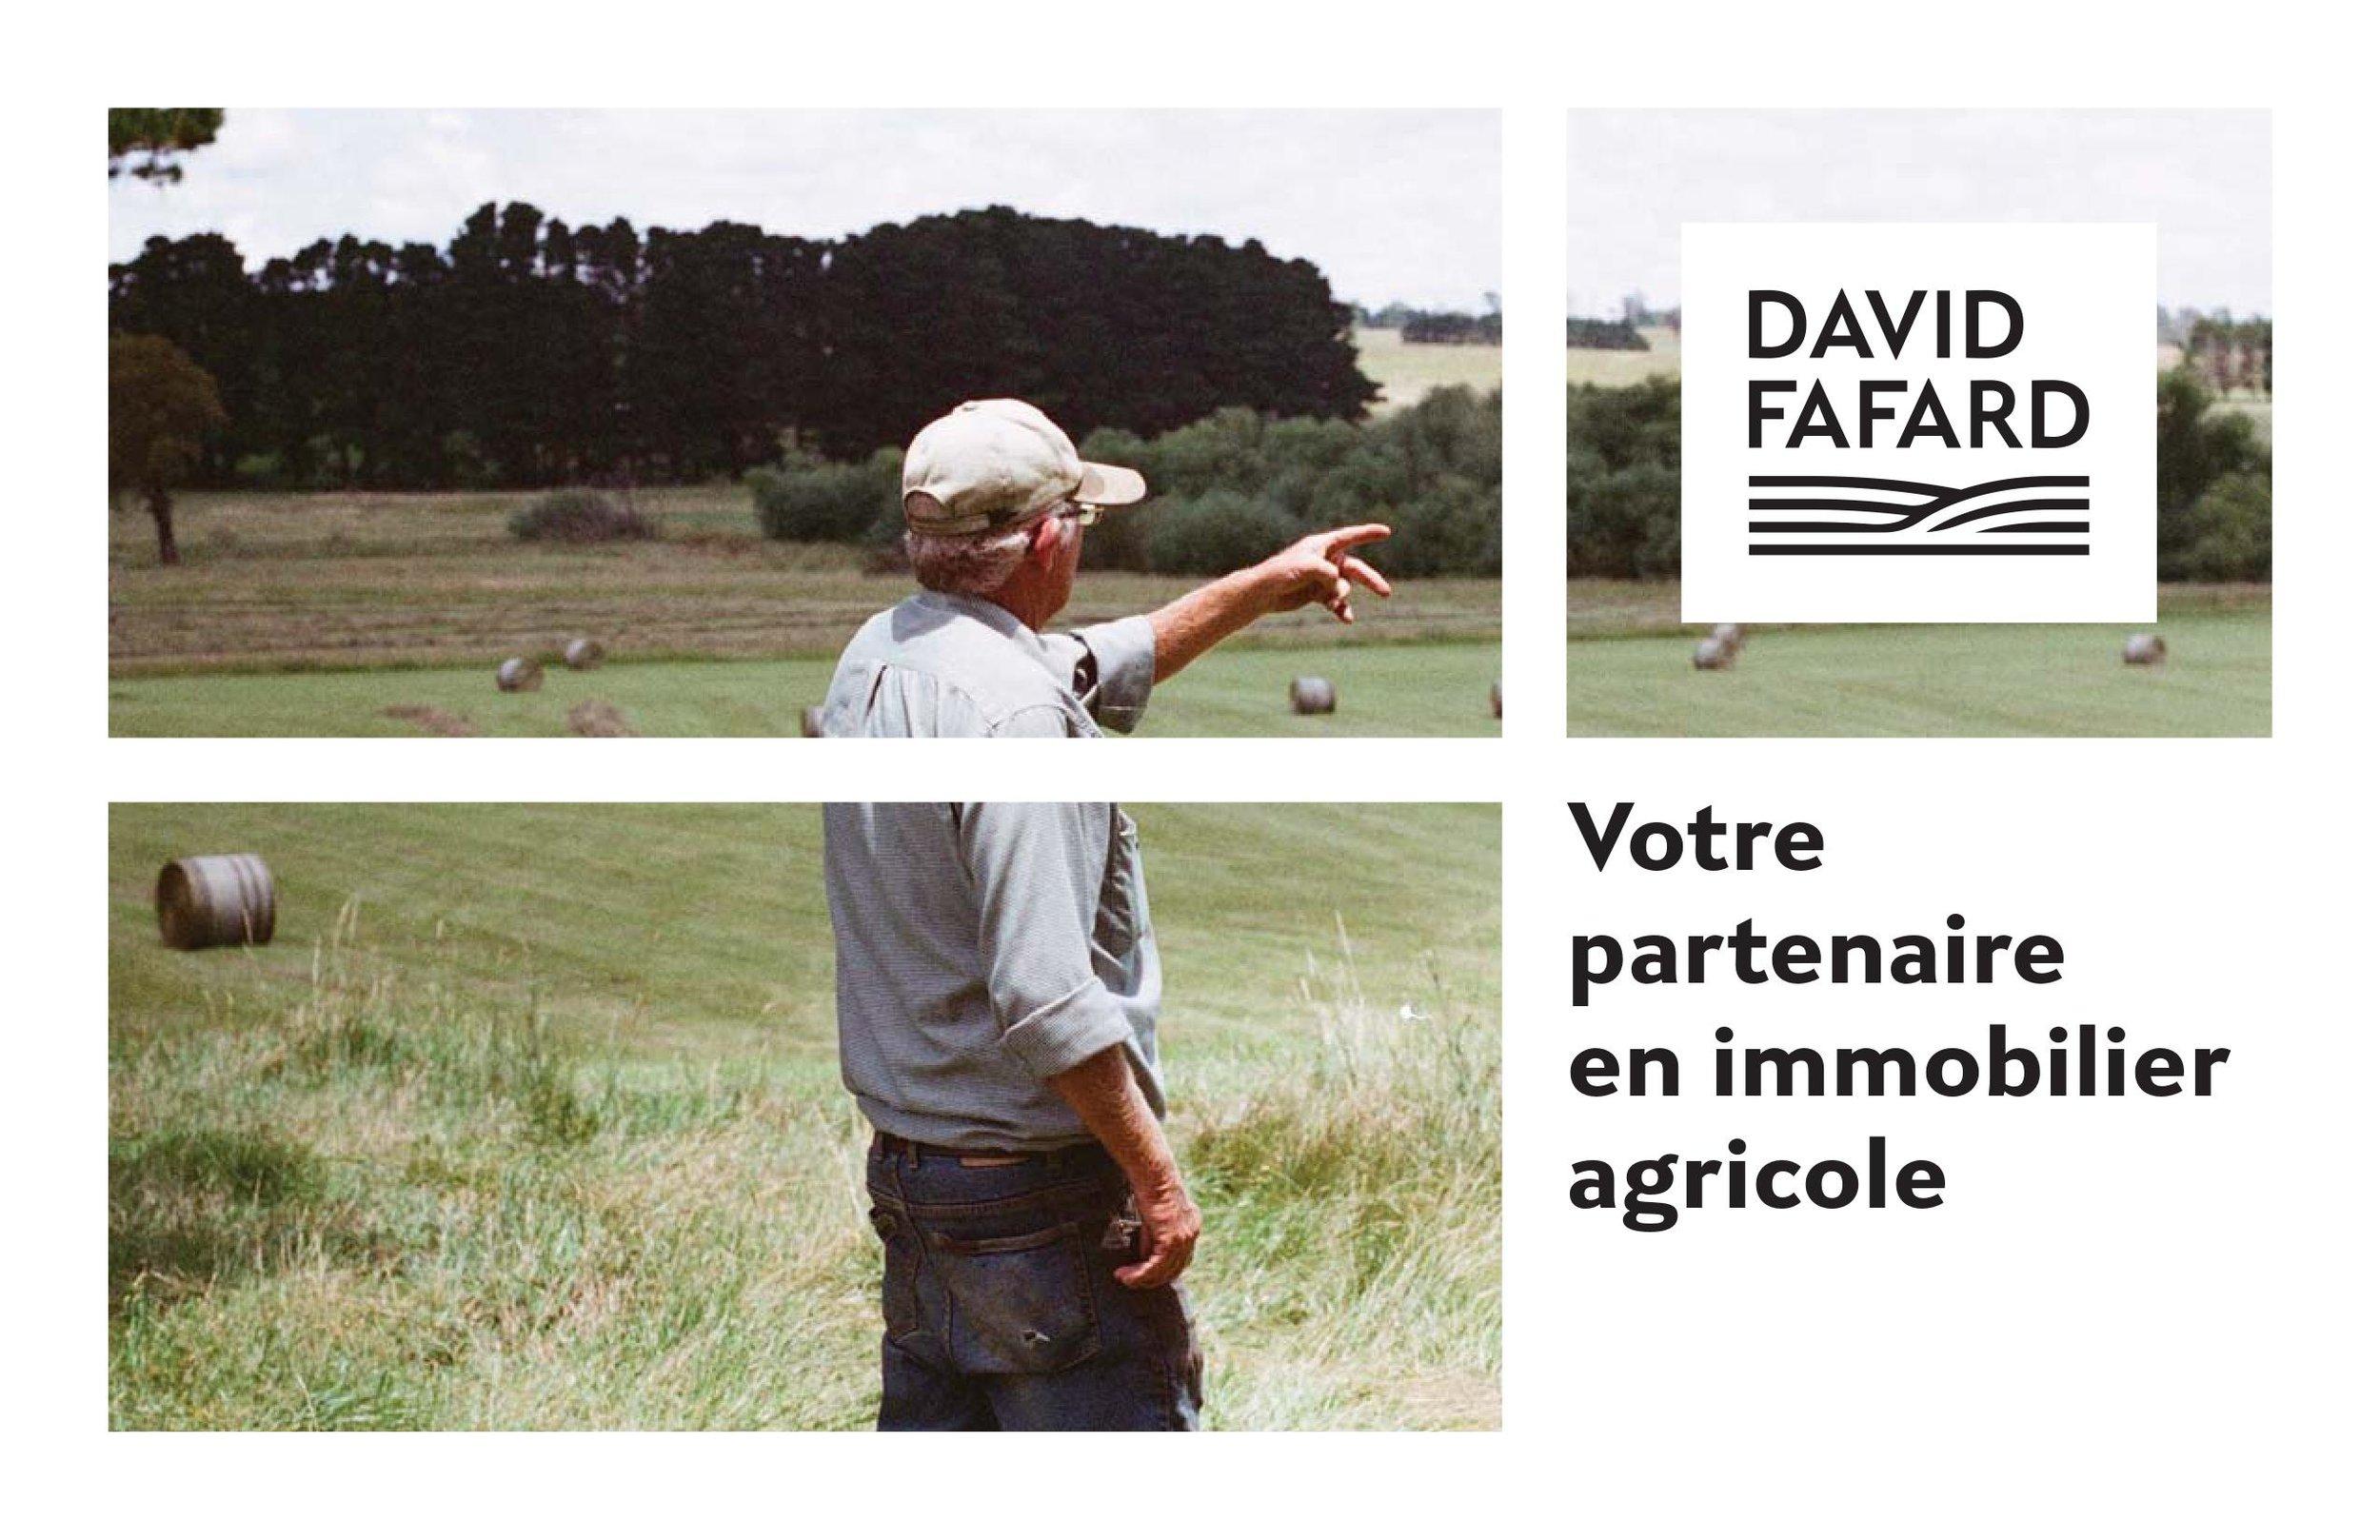 david fafard votre partenaire en immobilier agricole au québec